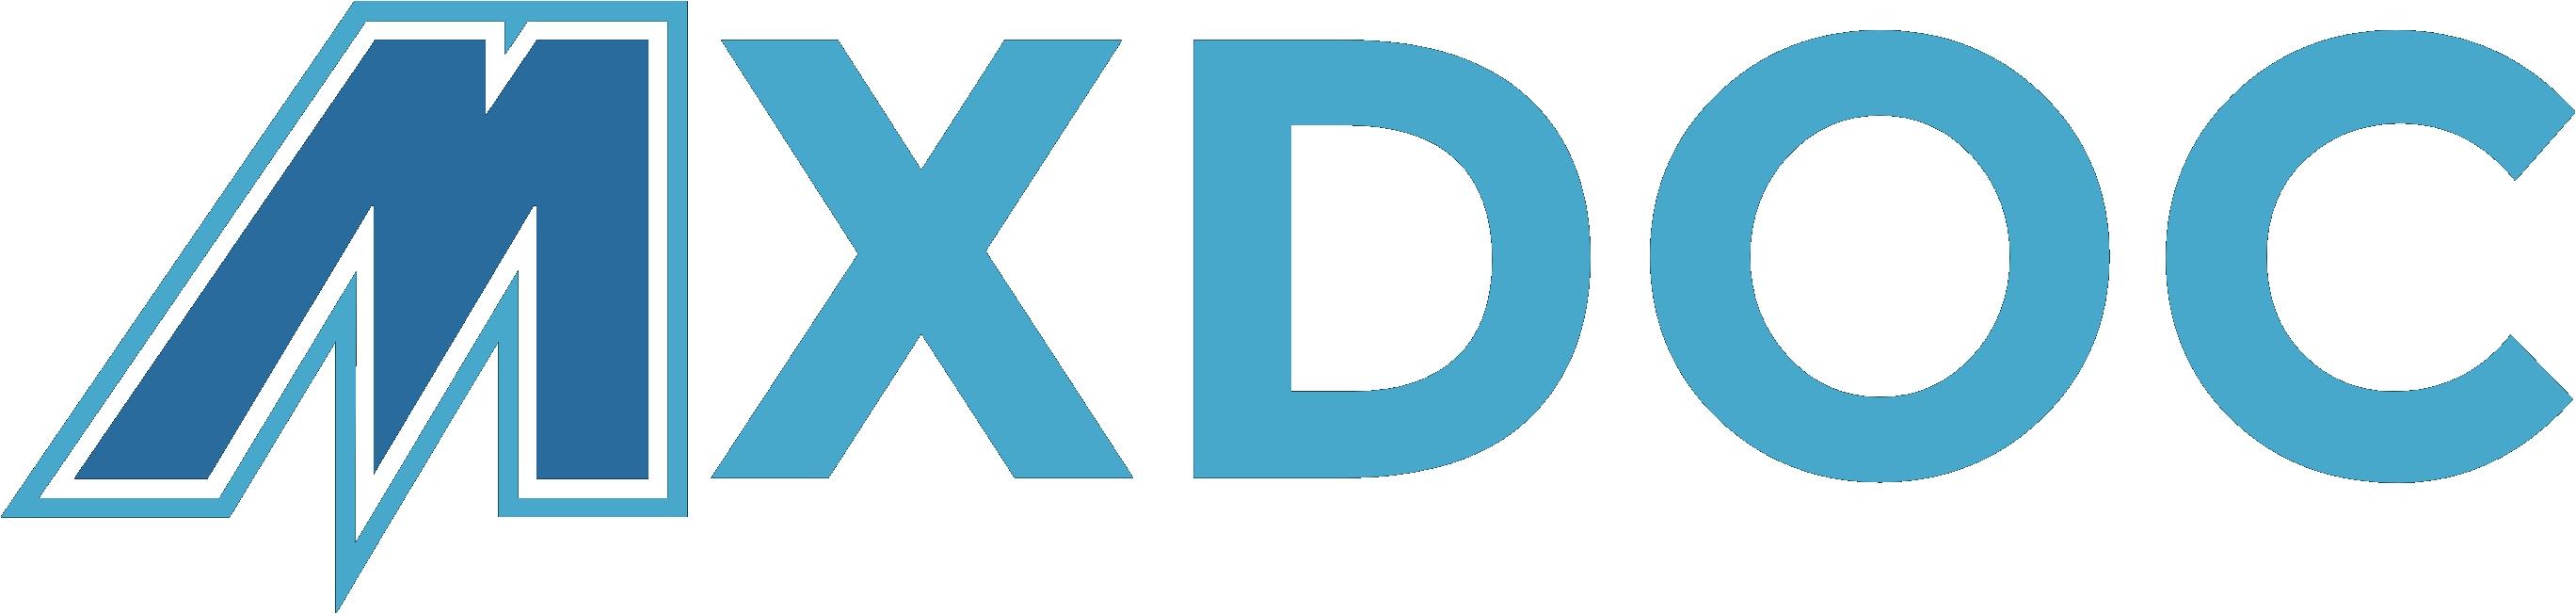 mxdoc logo png